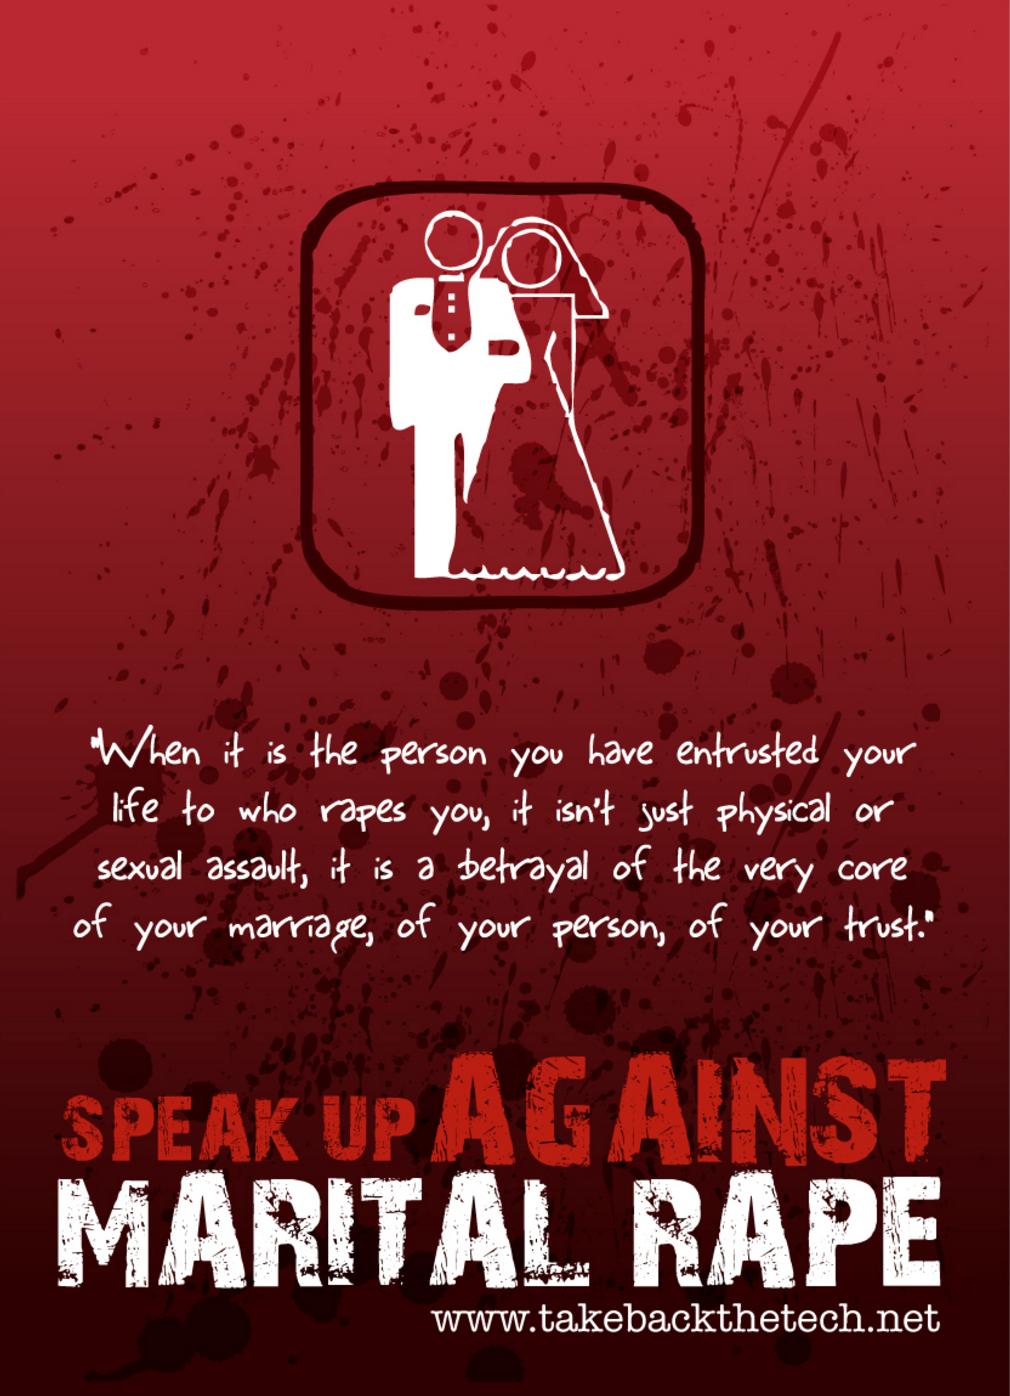 causes of marital rape